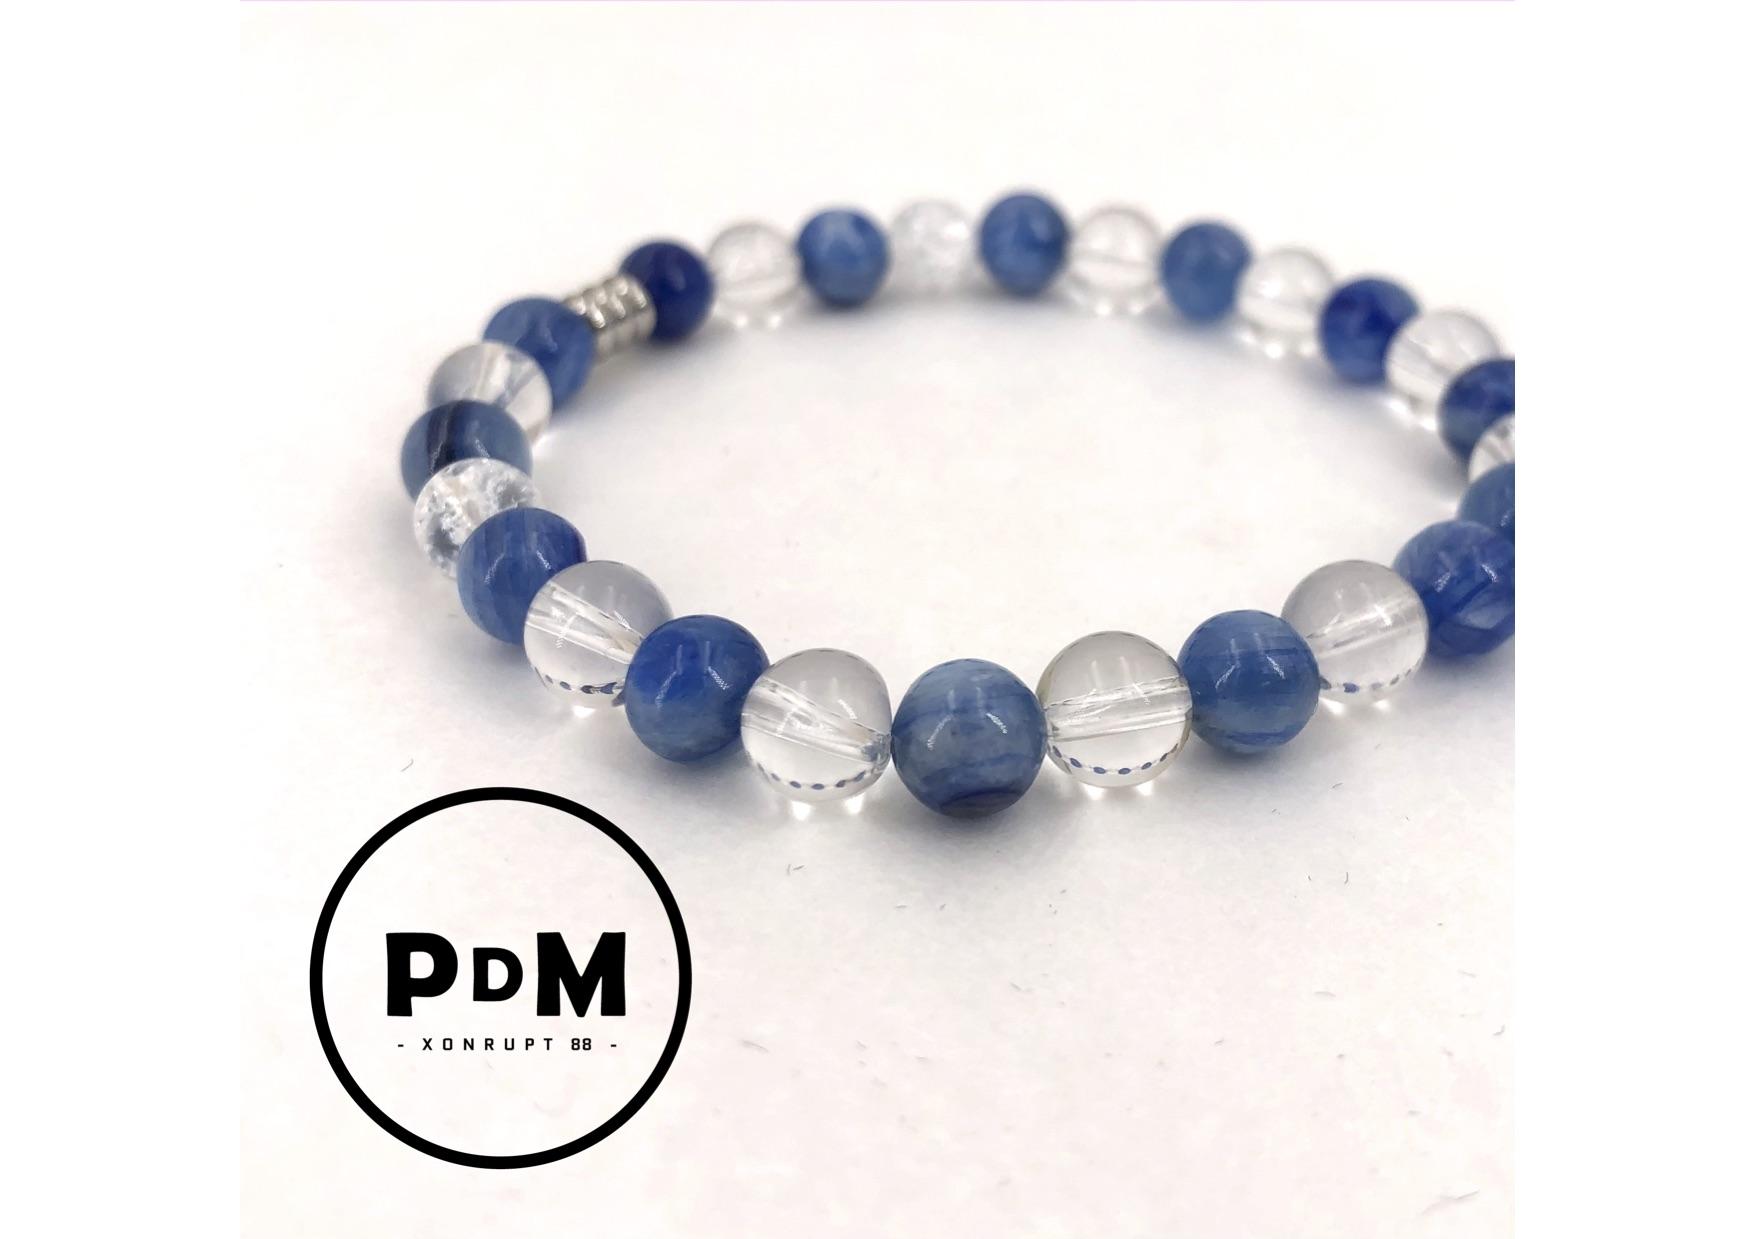 Bracelet de Cyanite et Quartz blanc en pierre naturelle perle 6mm